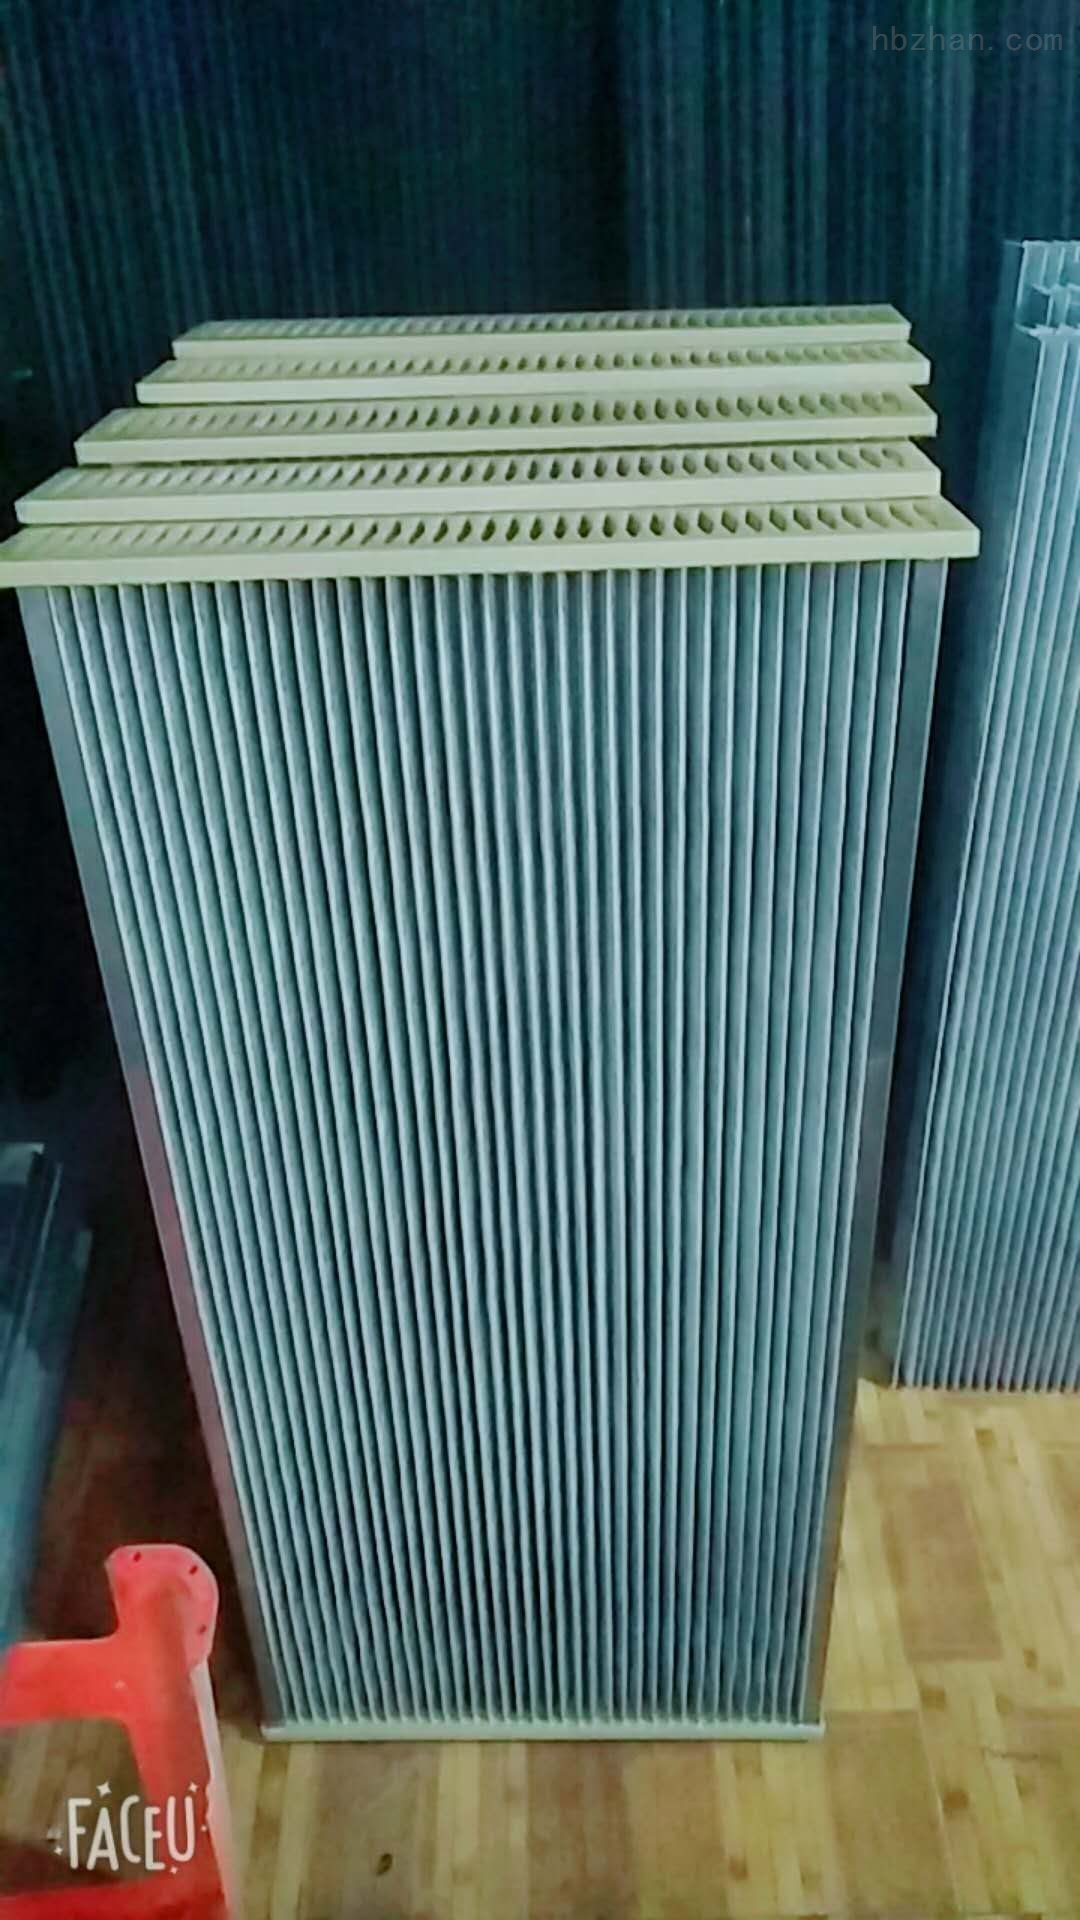 乌鲁木齐化工厂水滤芯厂家价格